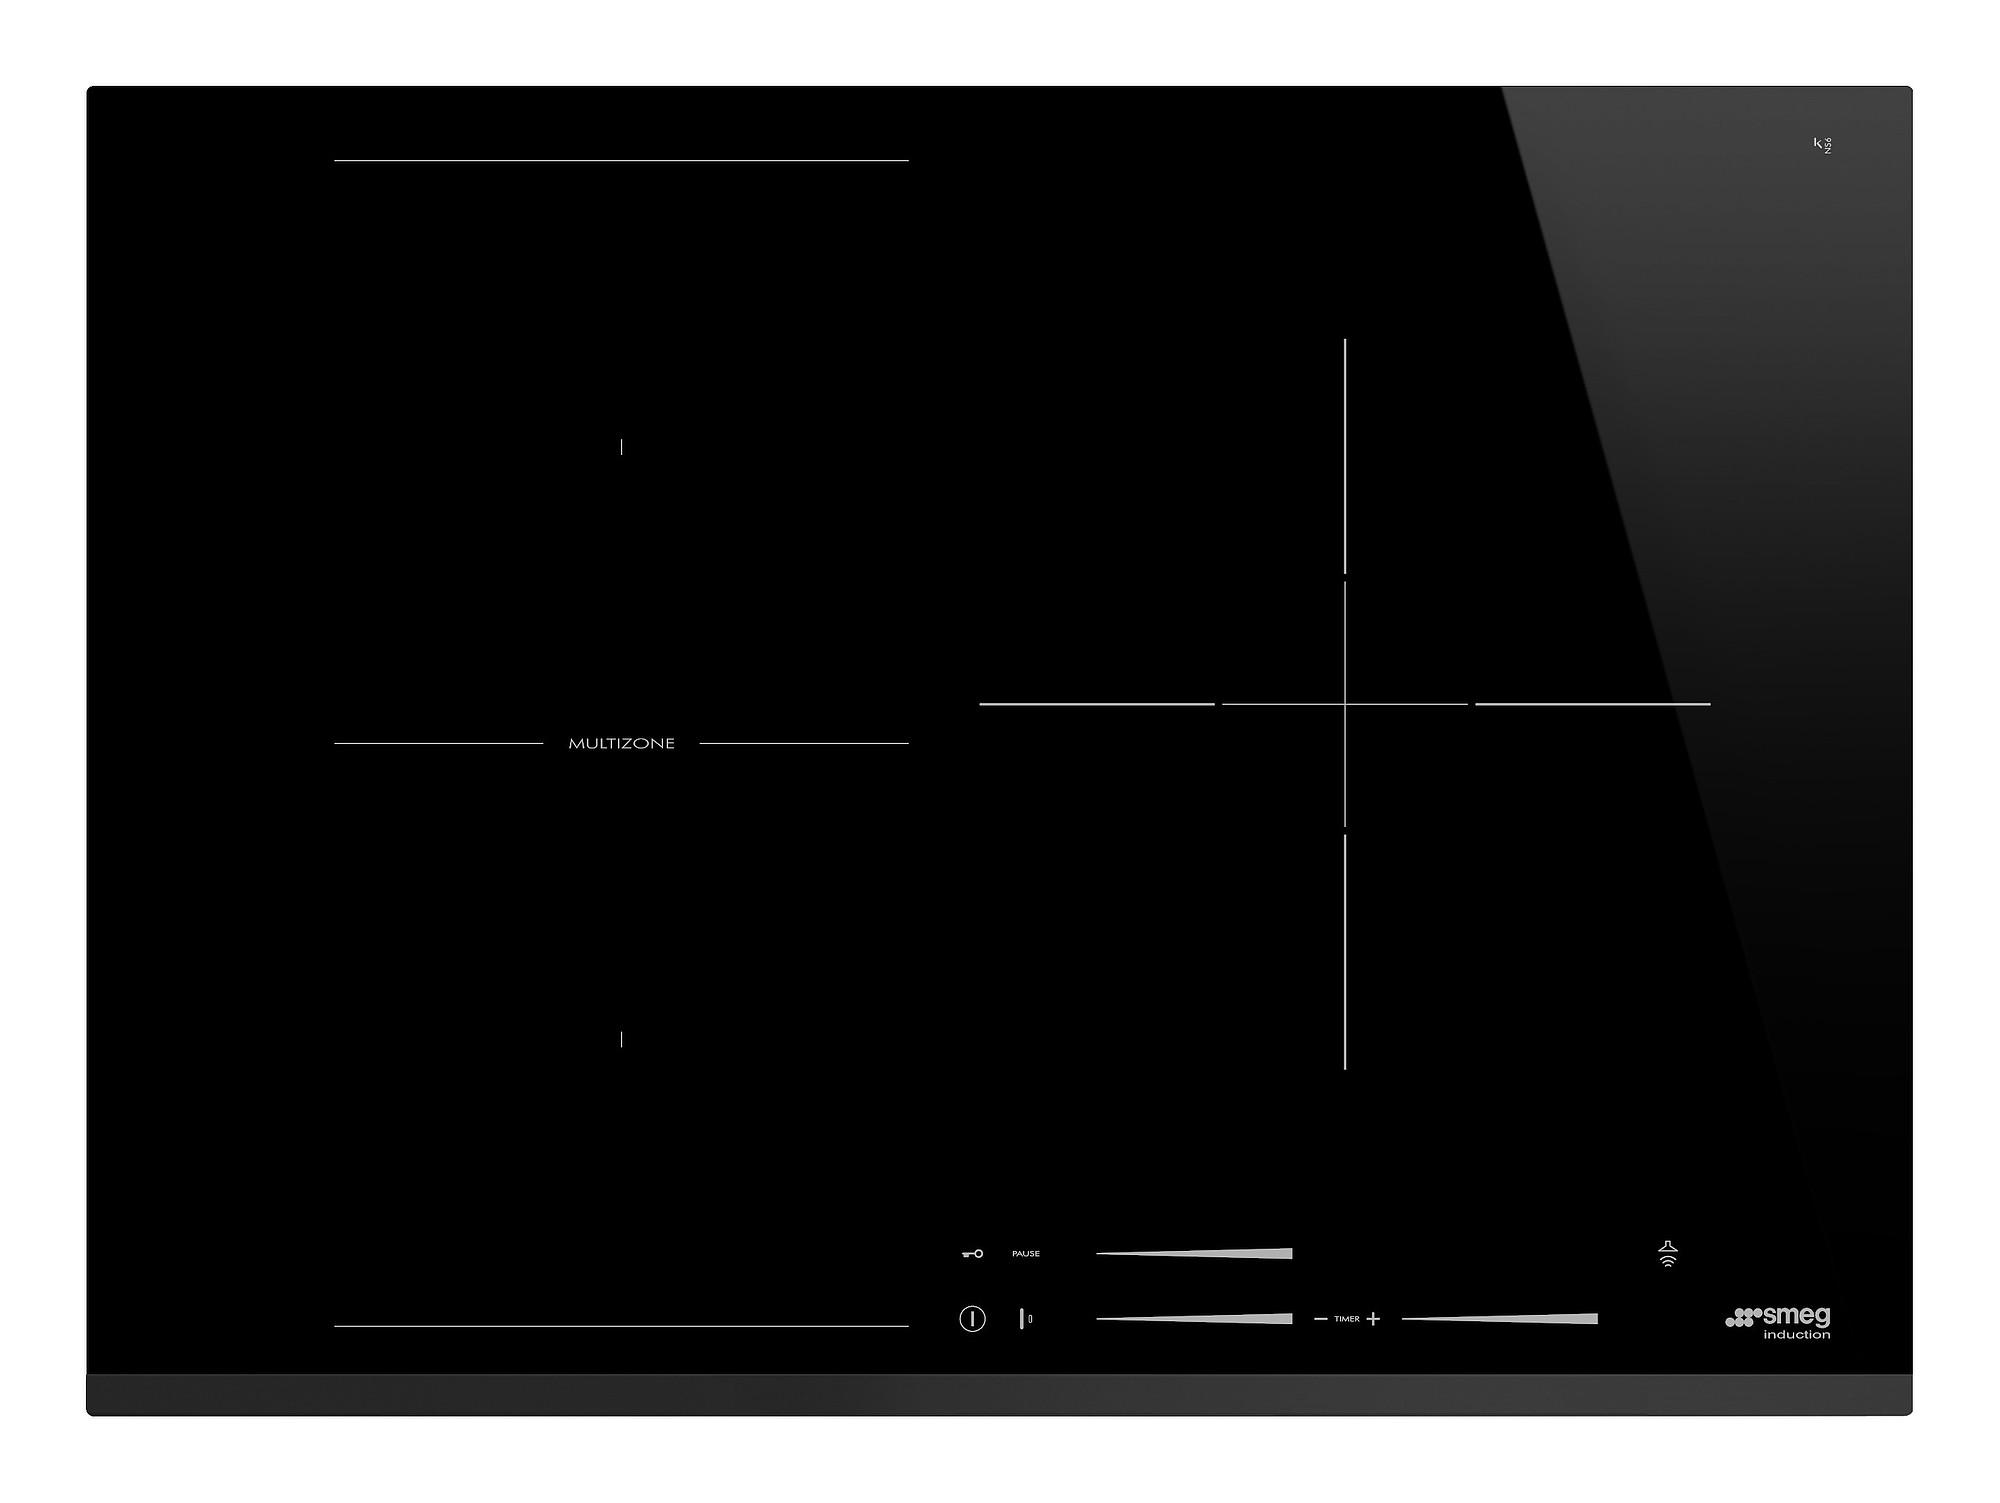 smeg si1m7733b einbau kochfeld mit induktion 70 cm neutrales design. Black Bedroom Furniture Sets. Home Design Ideas